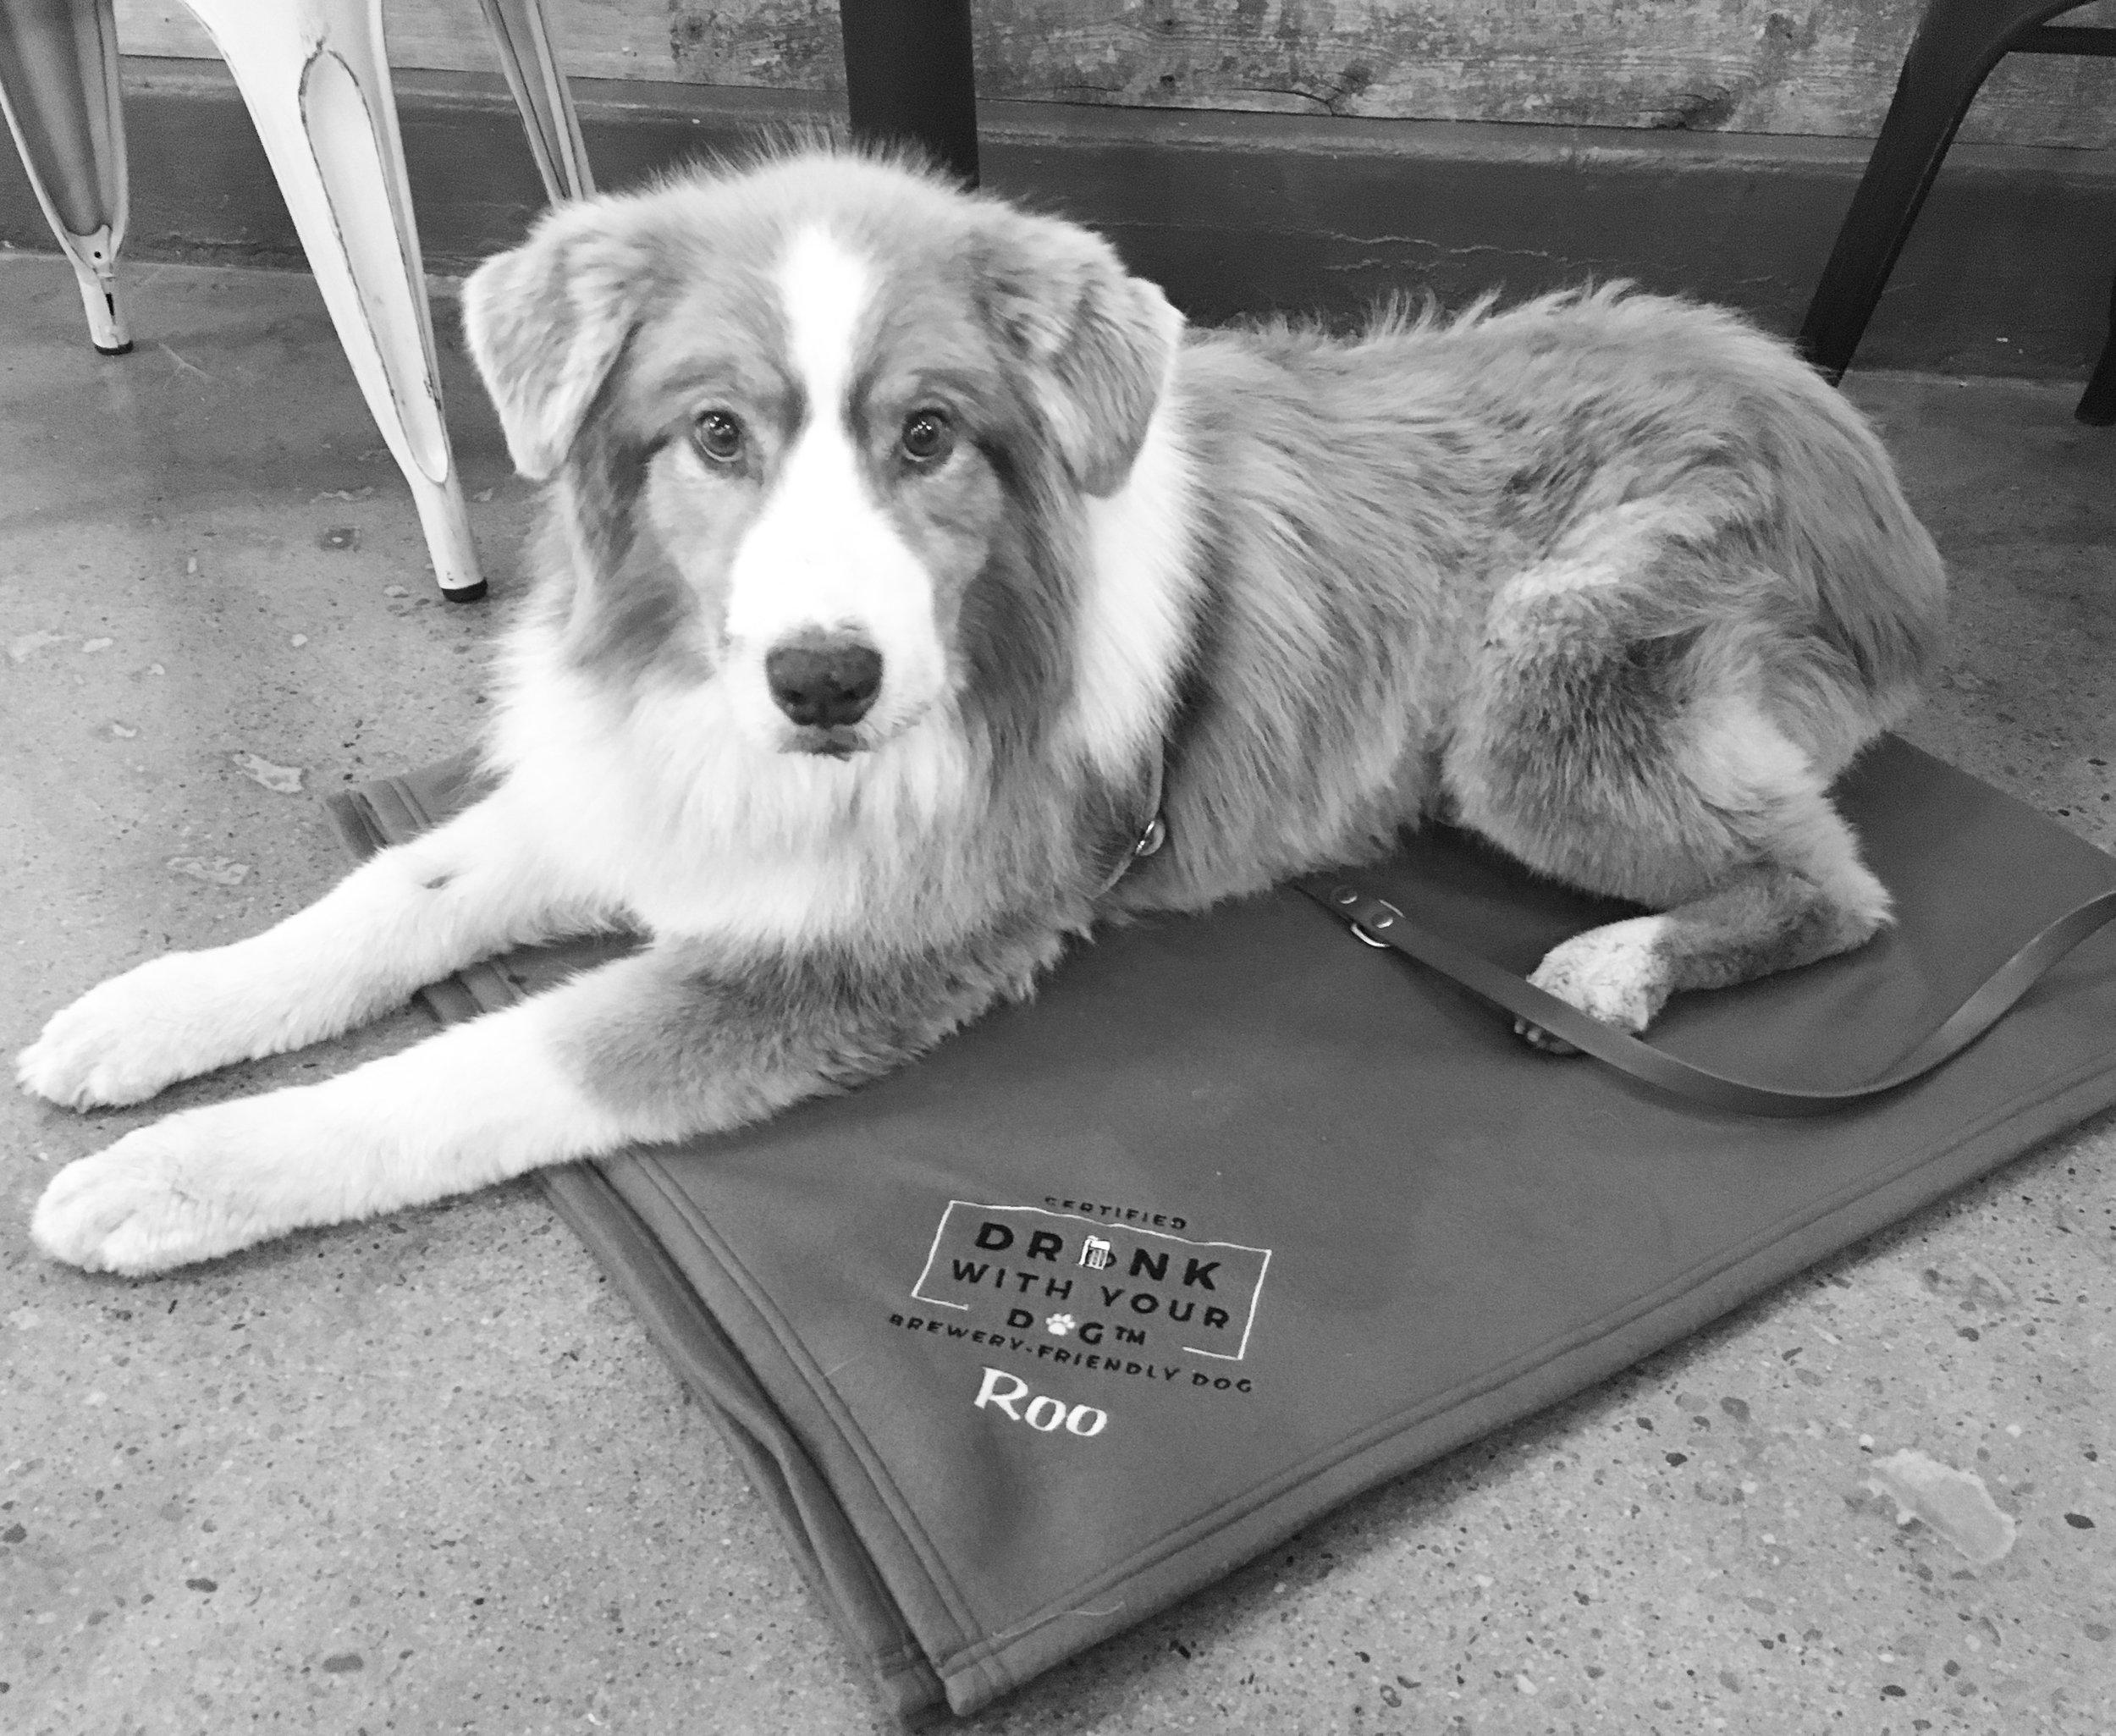 dog-in-brewery-australian-shepherd